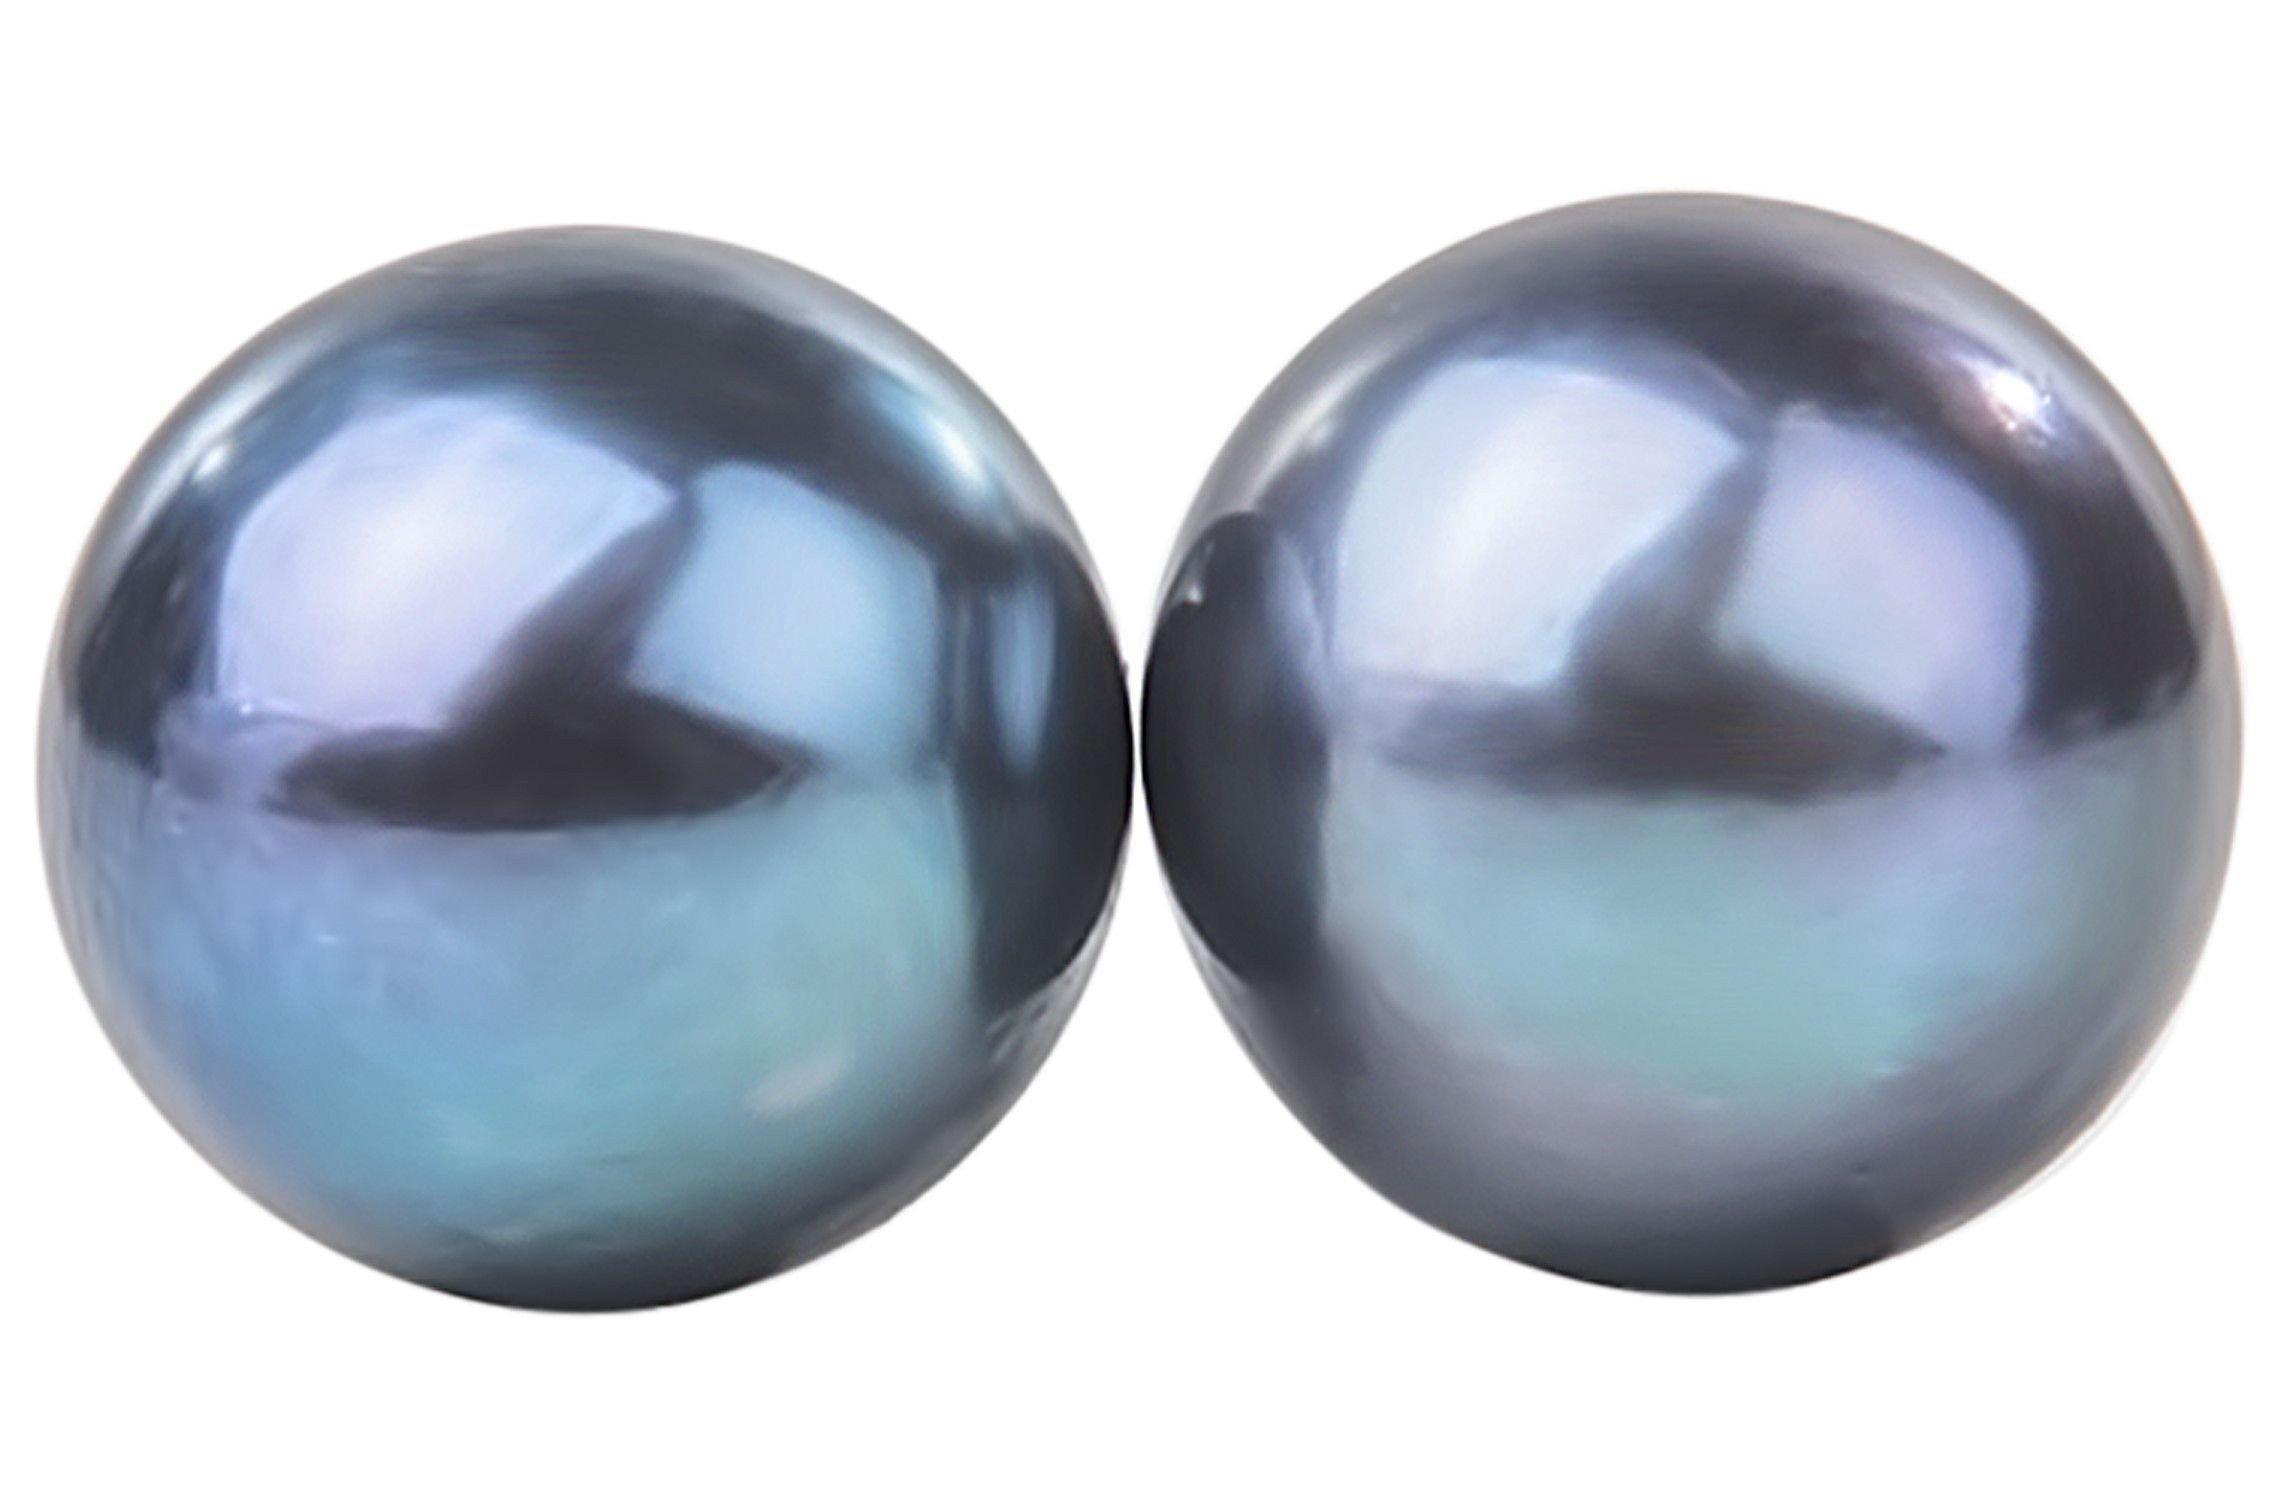 Peacock Blue Freshwater Pearl Stud Earrings Sterling Silver 10mm by Pearl Rack